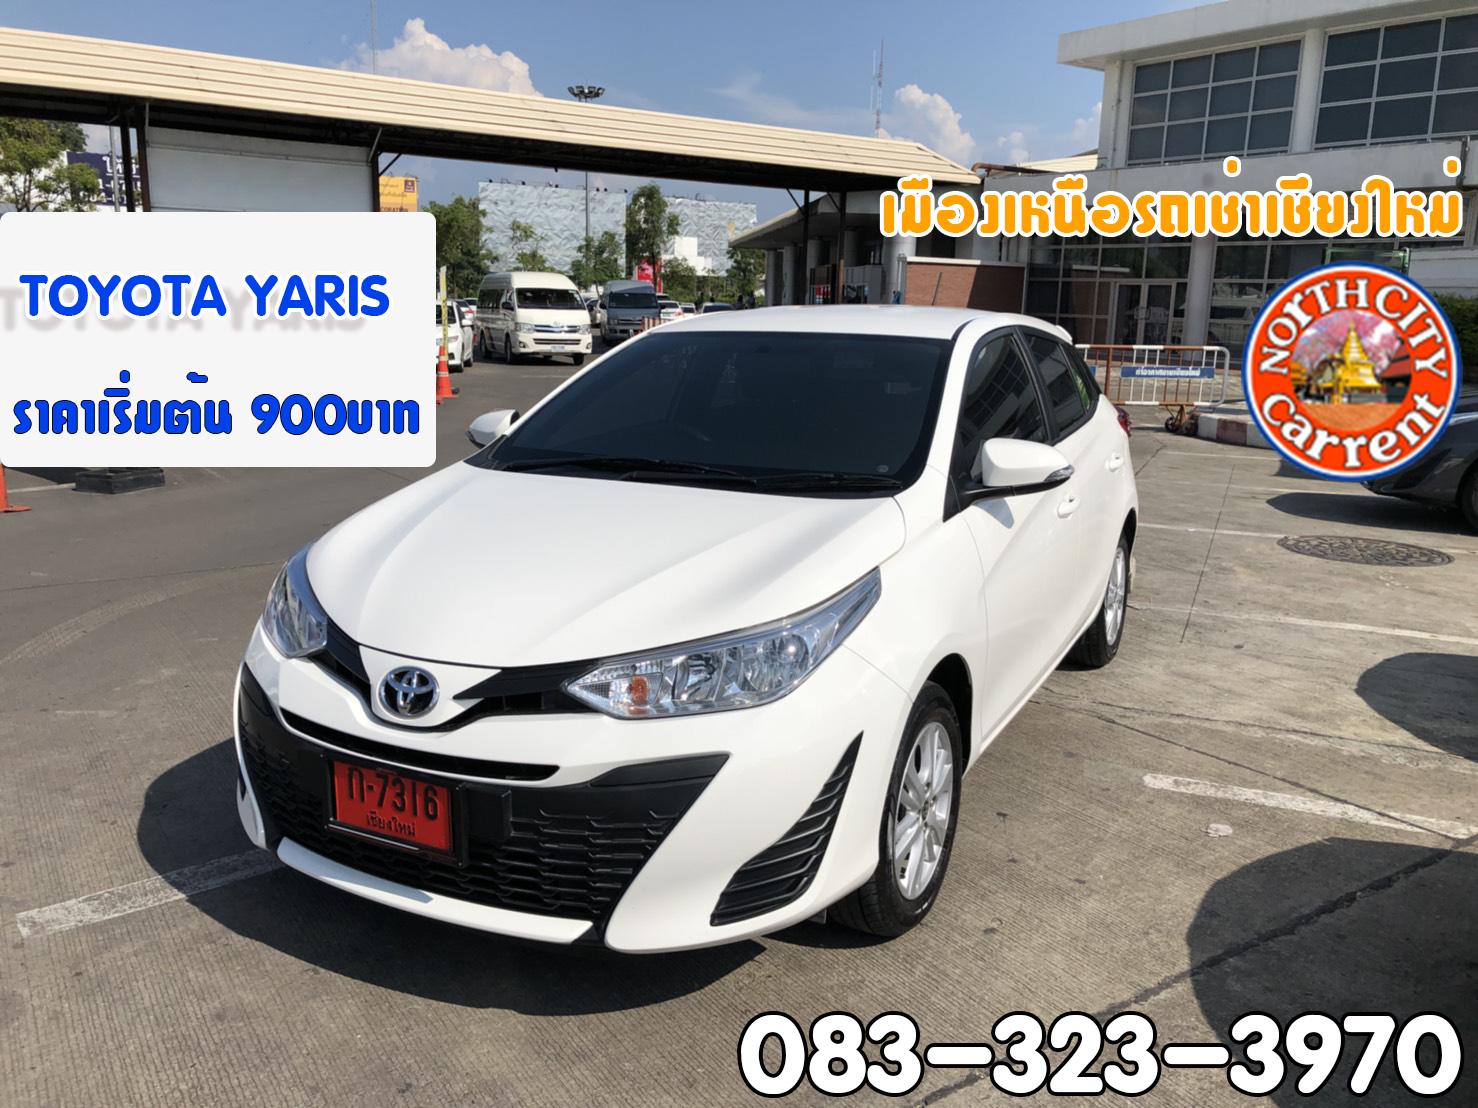 รถเช่า ภาคเหนือ toyota YARIS ราคาถูก